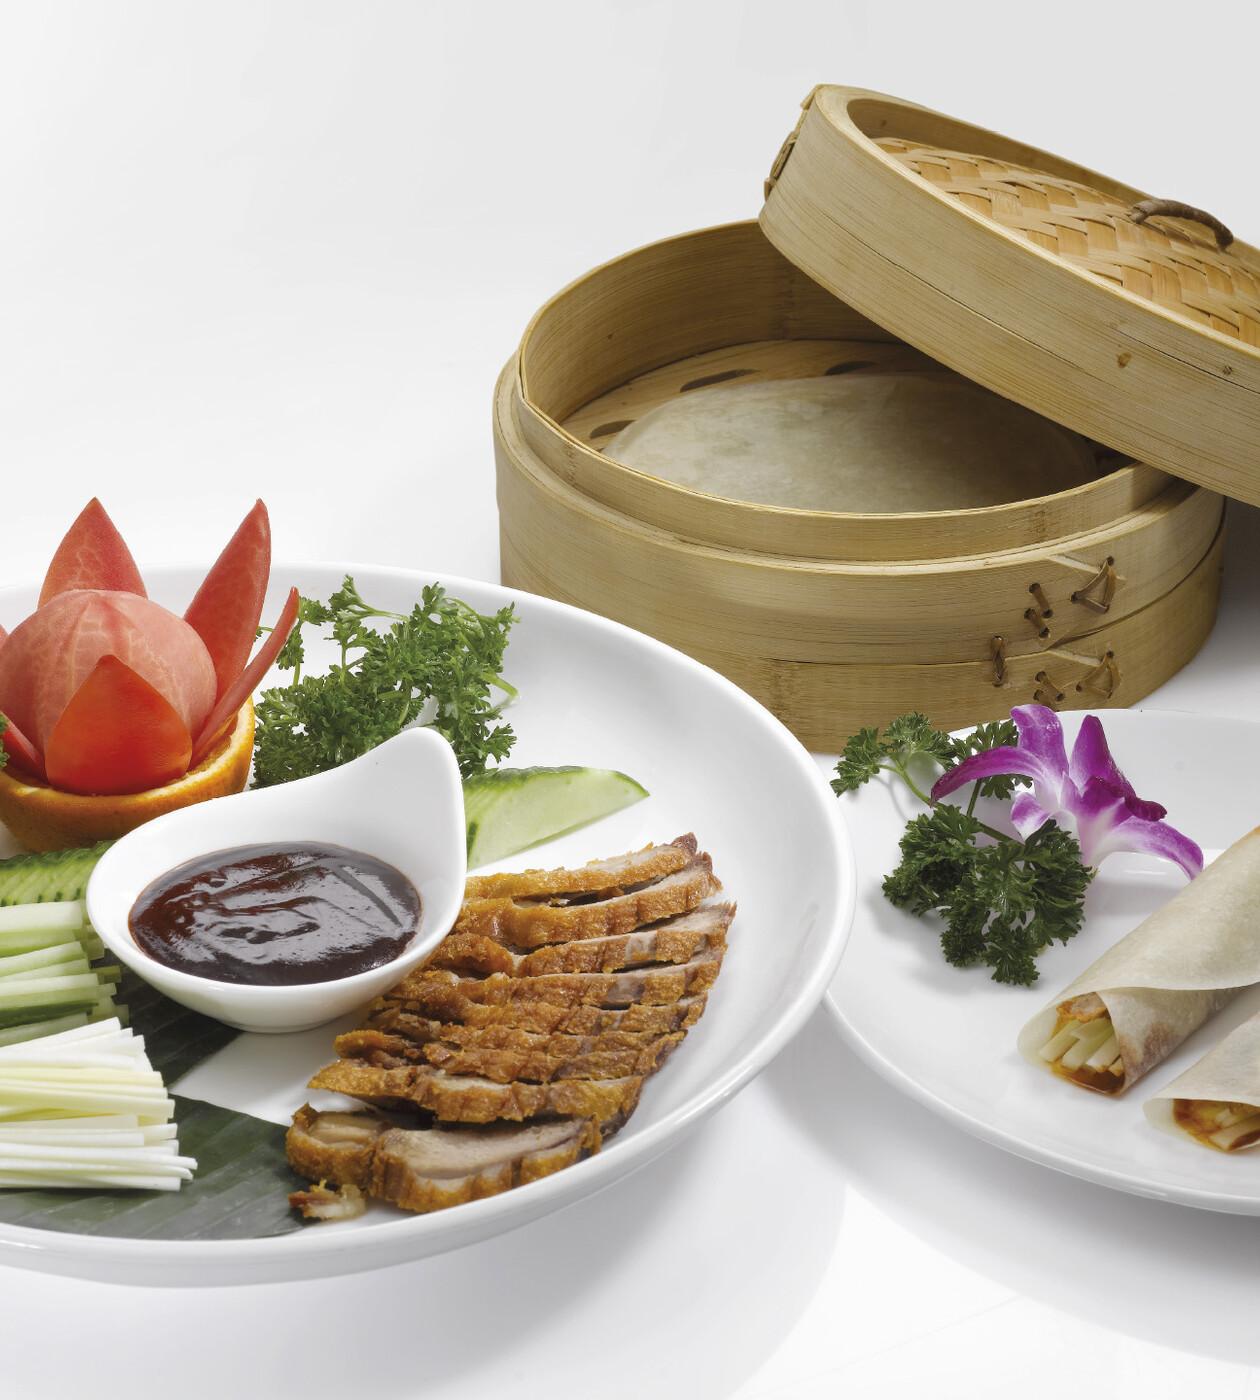 Großzügig China Küche Muncie Bilder - Ideen Für Die Küche Dekoration ...